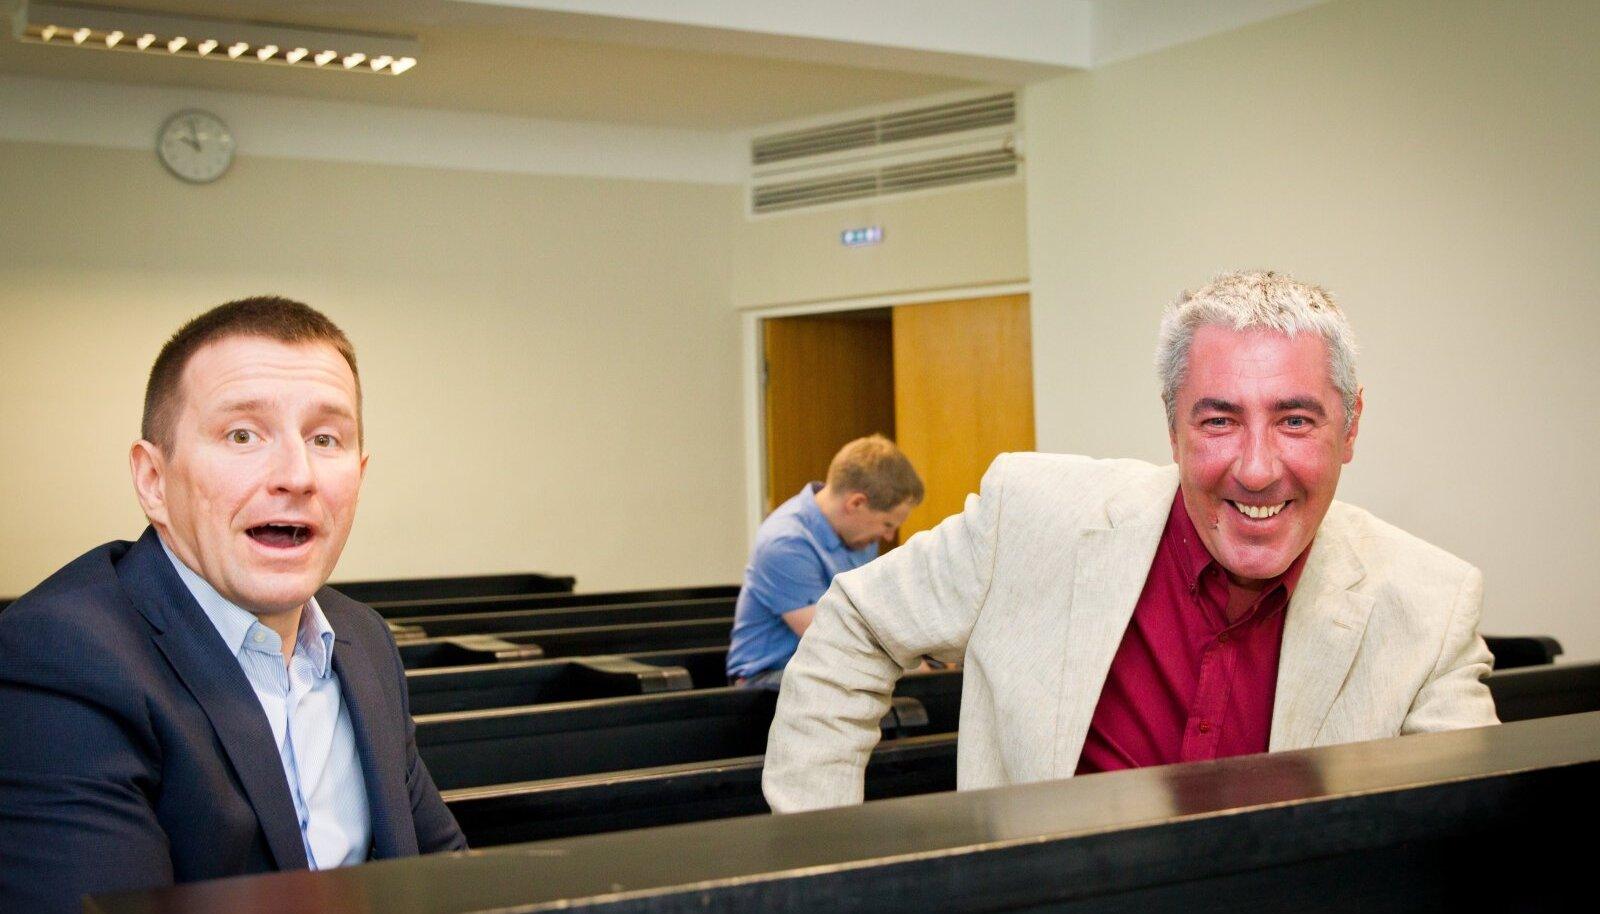 MEIE JA KURJATEGIJAD? NO OLGE NÜÜD! Heledas ülikonnas Kaido Kaljusaar ja tema äripartner Andres Lauri 2013. aastal Harju Maakohtu saalis fotograafile naeratamas.